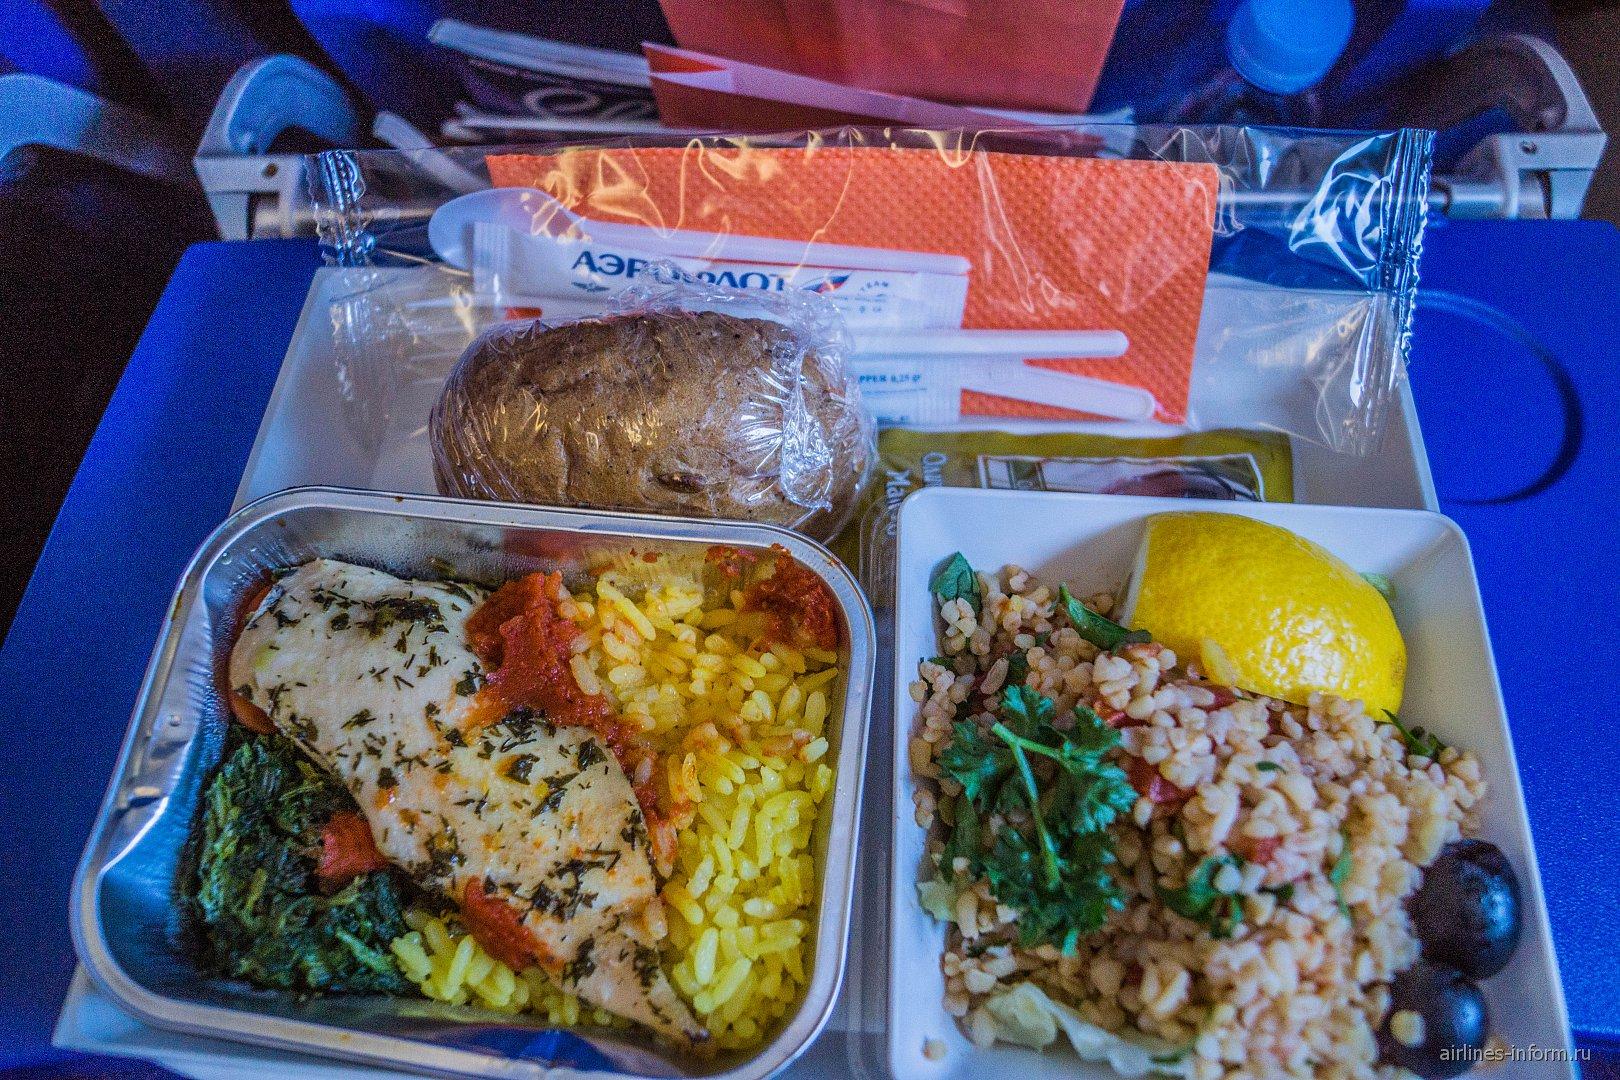 Бортпитание на рейсе Аэрофлота Москва-Рим